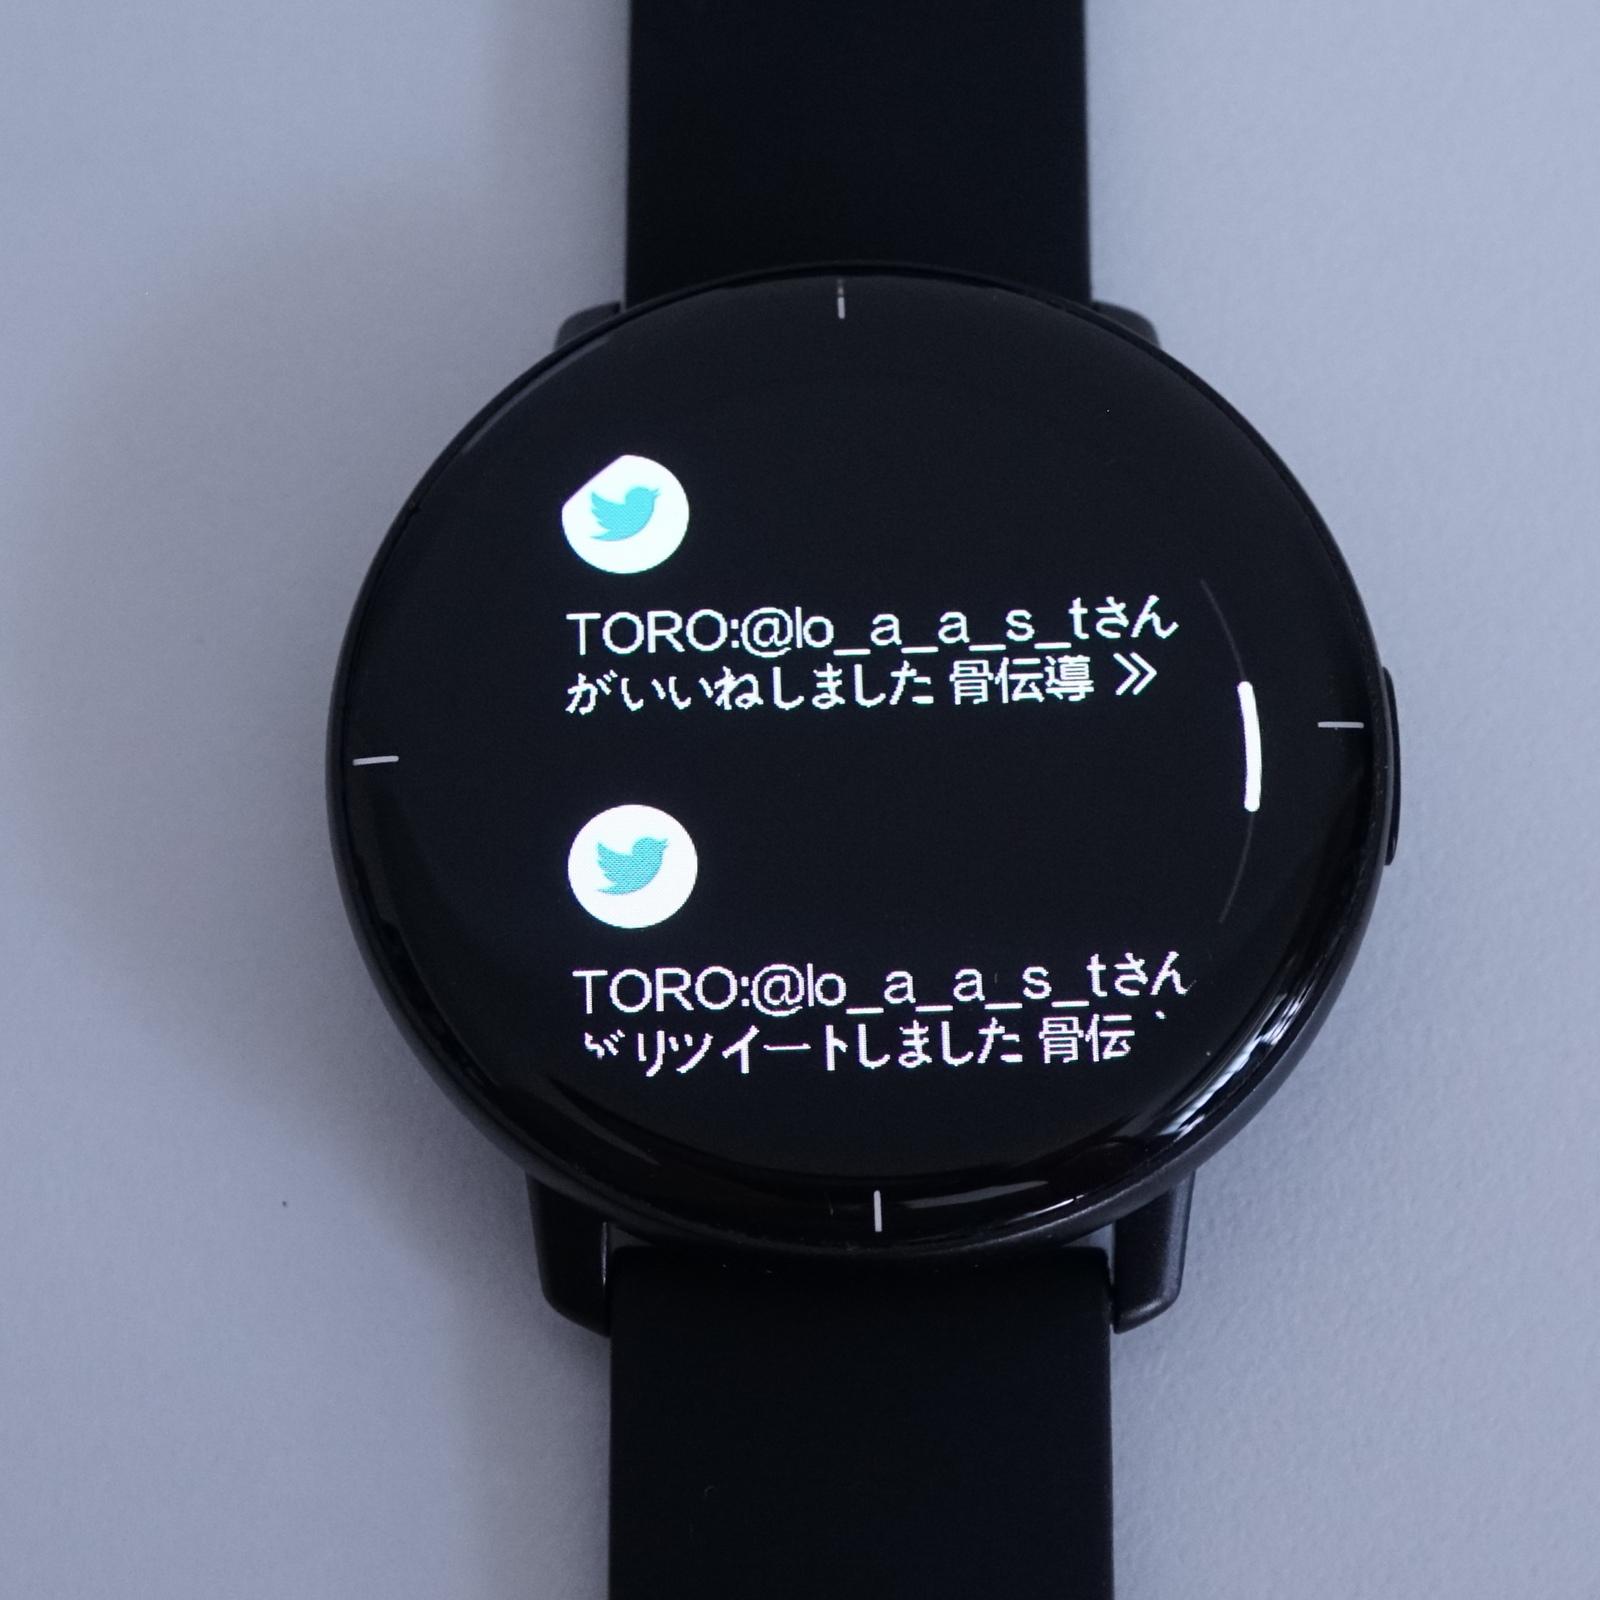 Mibro Lite レビュー 通知は日本語に対応、LINEやスカイプなどの表示にも対応